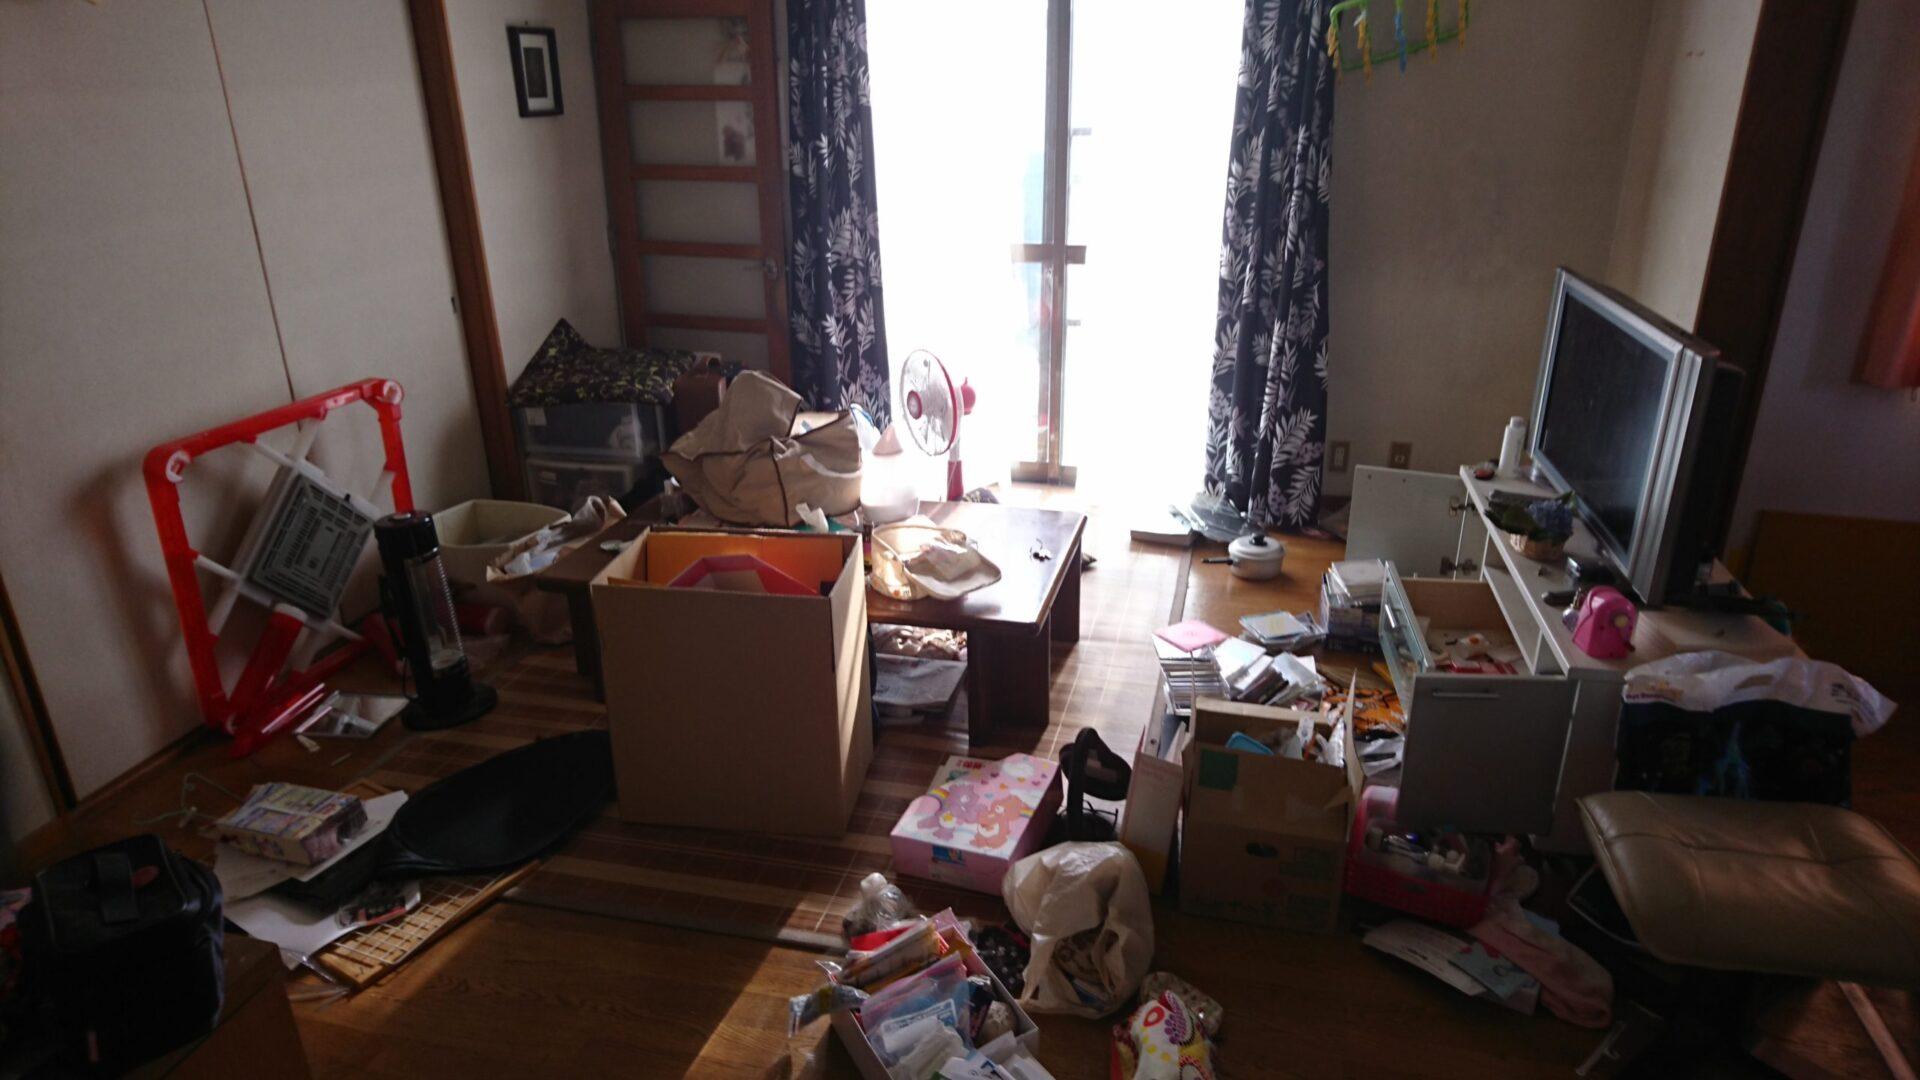 【愛知県名古屋市中区】テレビや机、雑貨等の回収